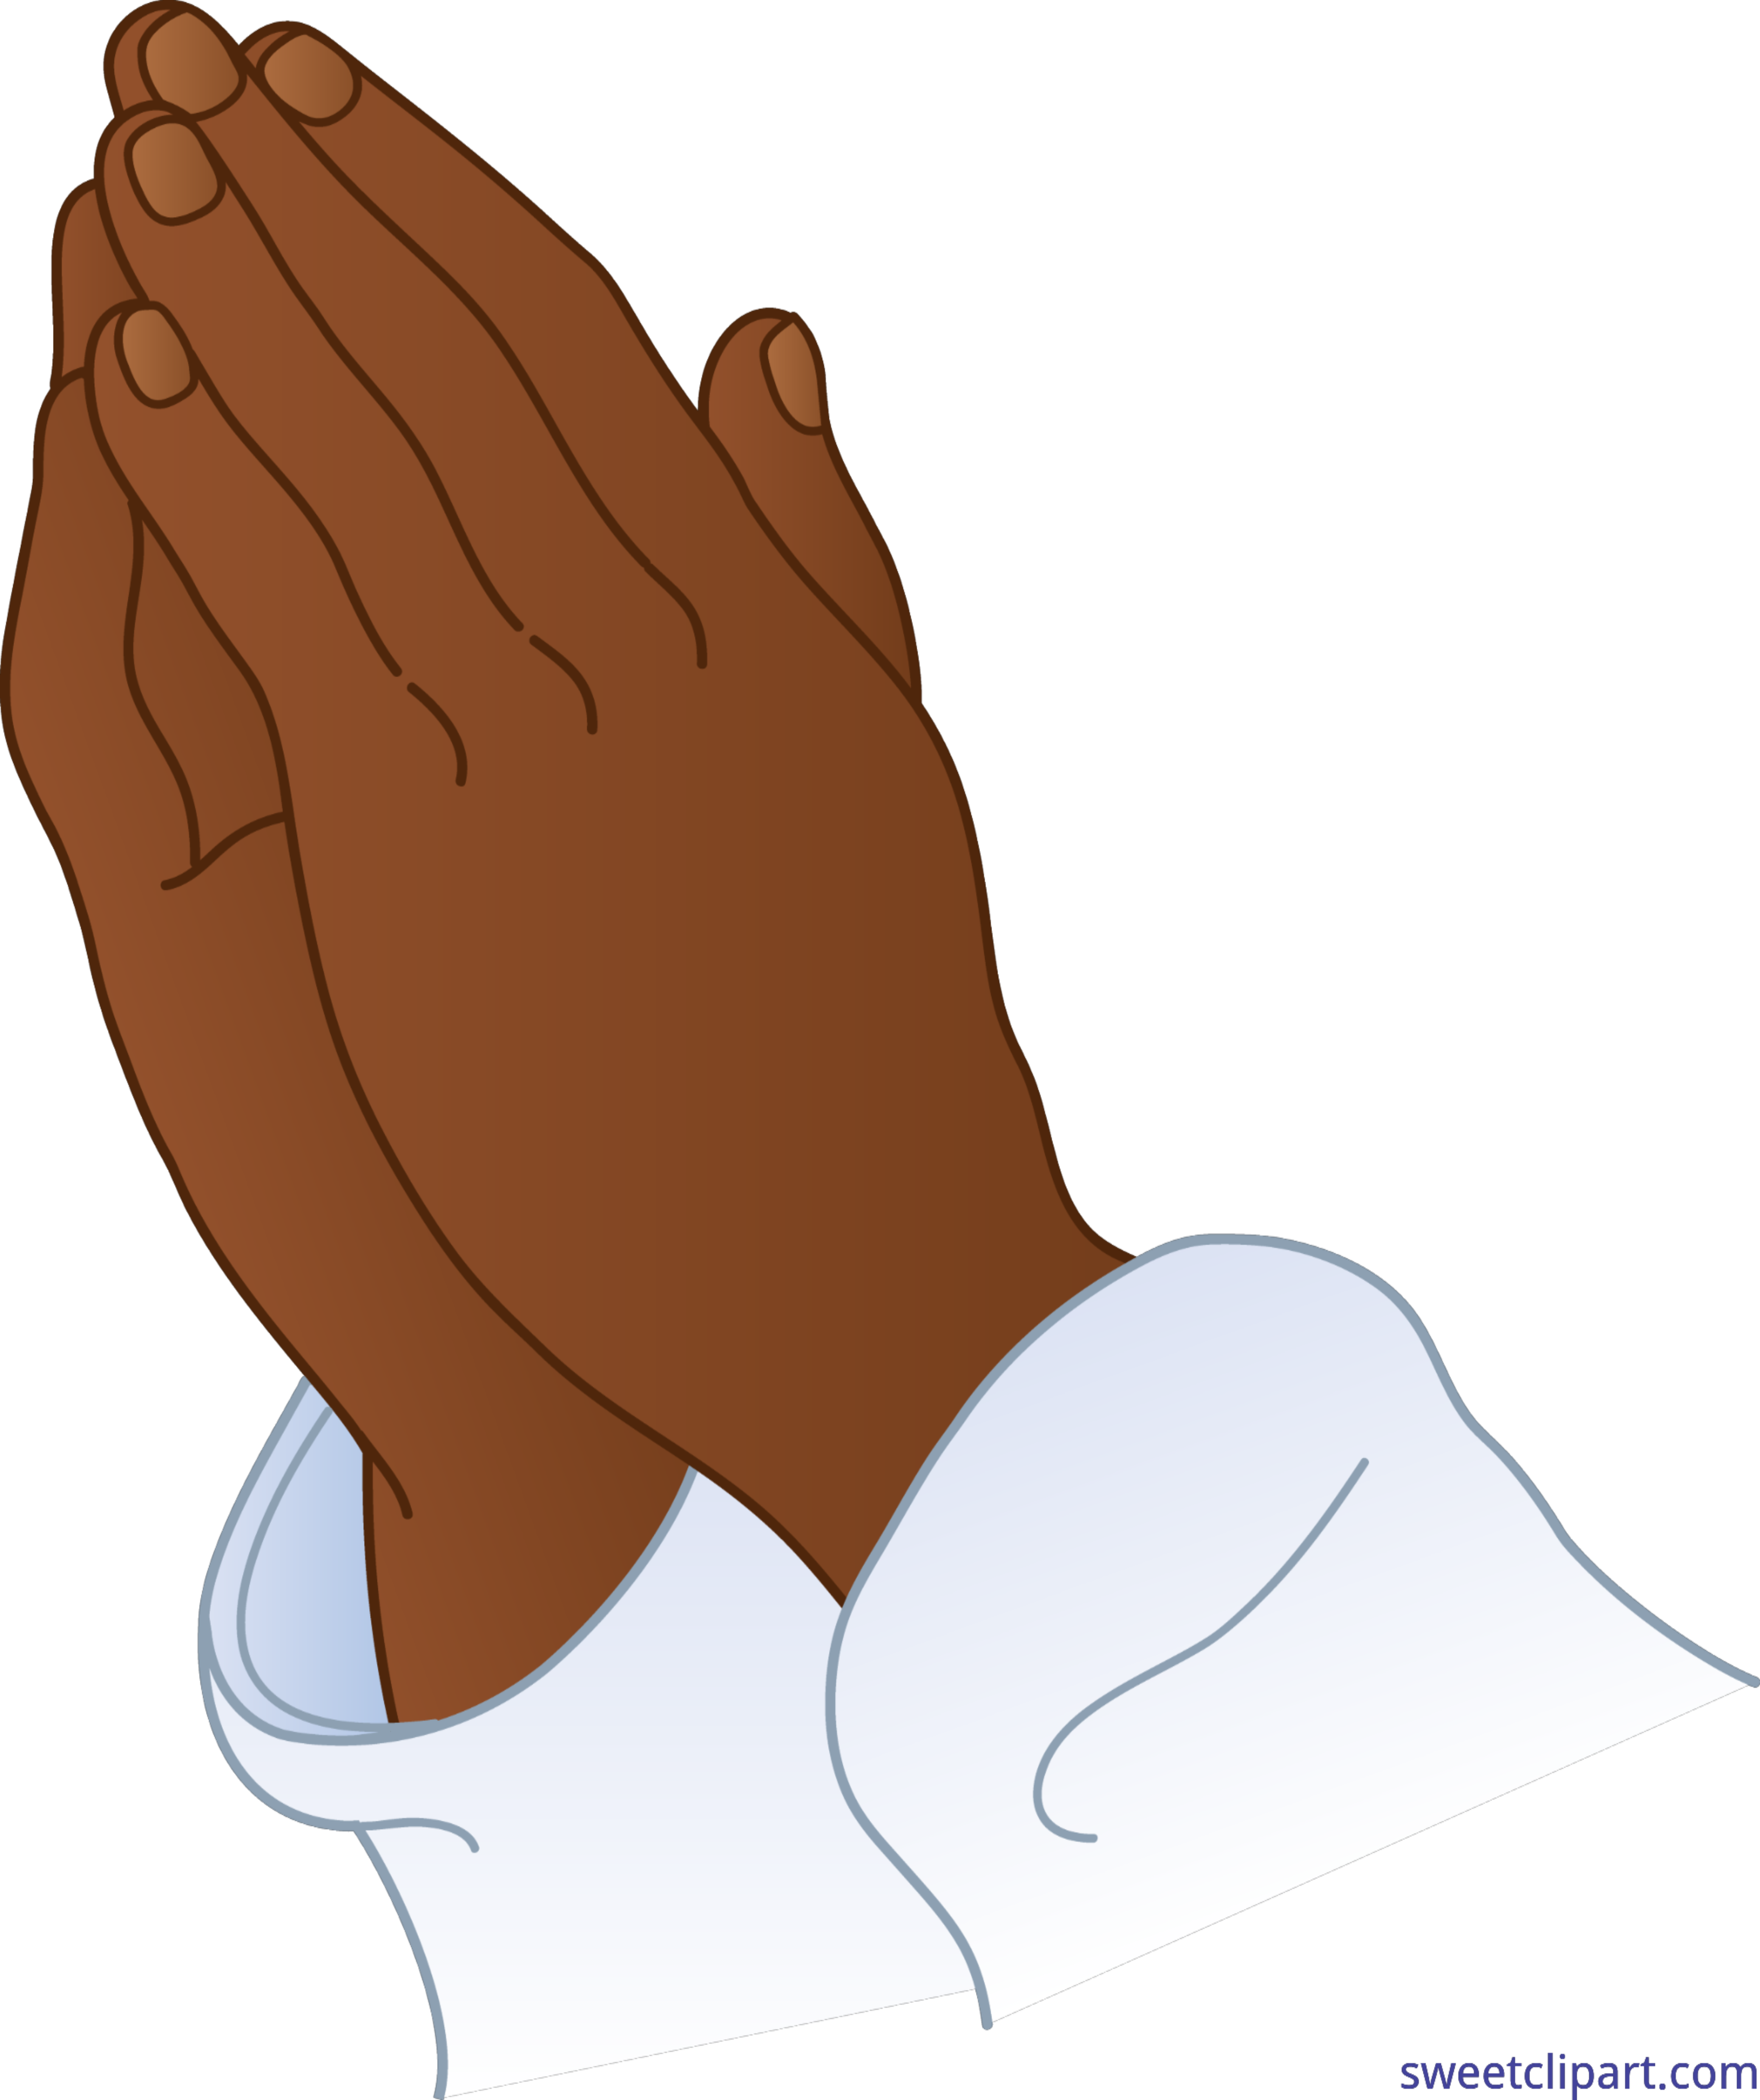 Praying clip art sweet. Hands clipart prayer